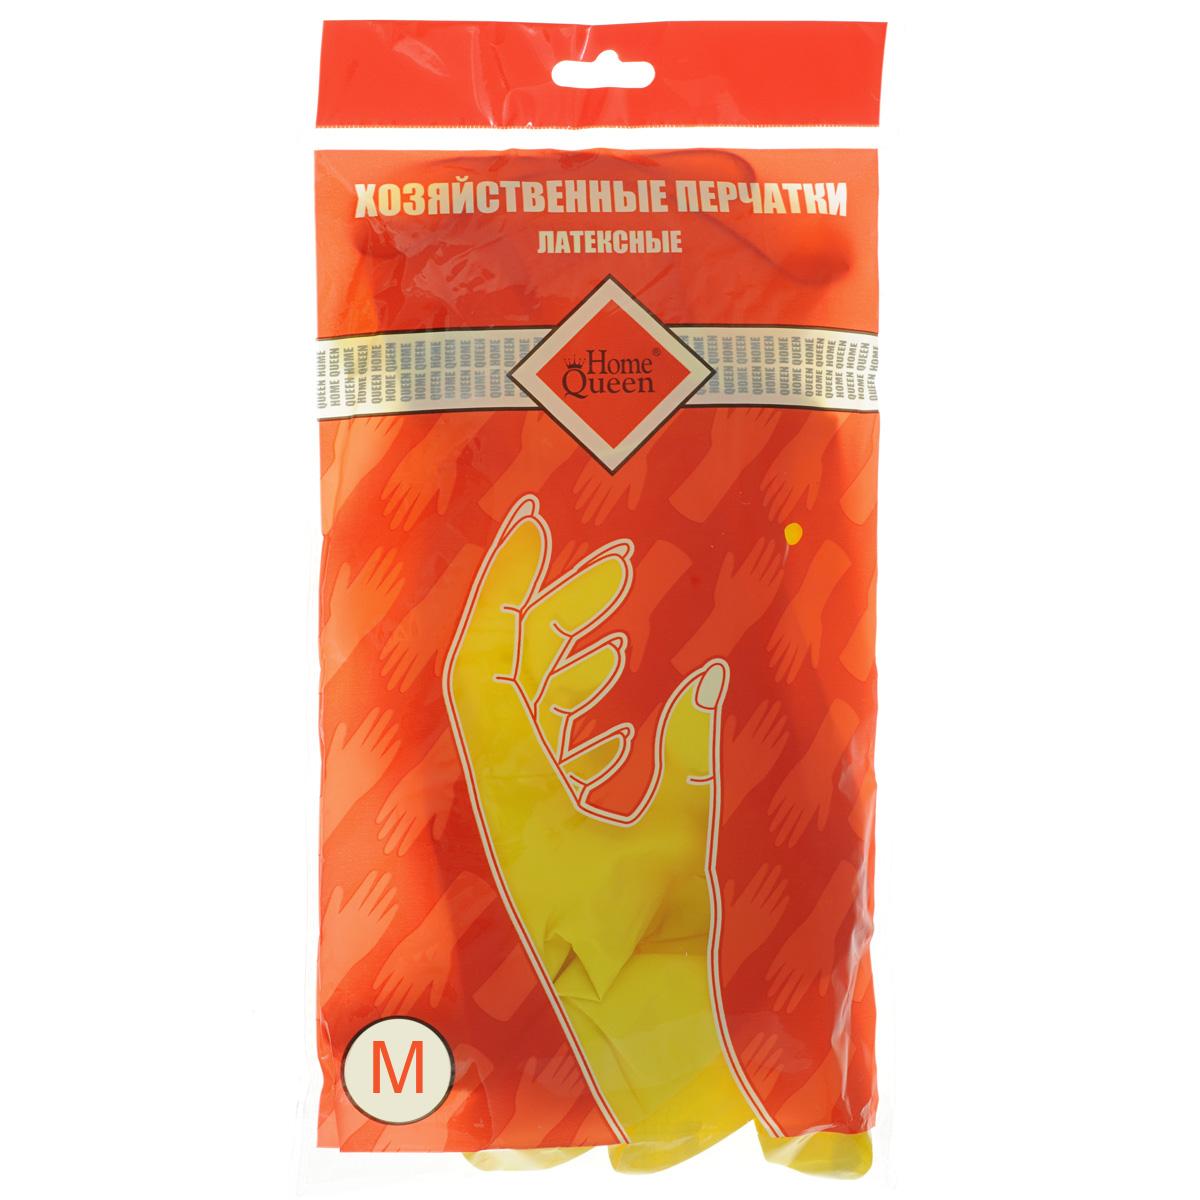 Перчатки латексные Home Queen. Размер MVCA-00Перчатки Home Queen, изготовленные из латекса, защитят ваши руки от воздействия бытовой химии и грязи. Подойдут для всех видов хозяйственных работ.